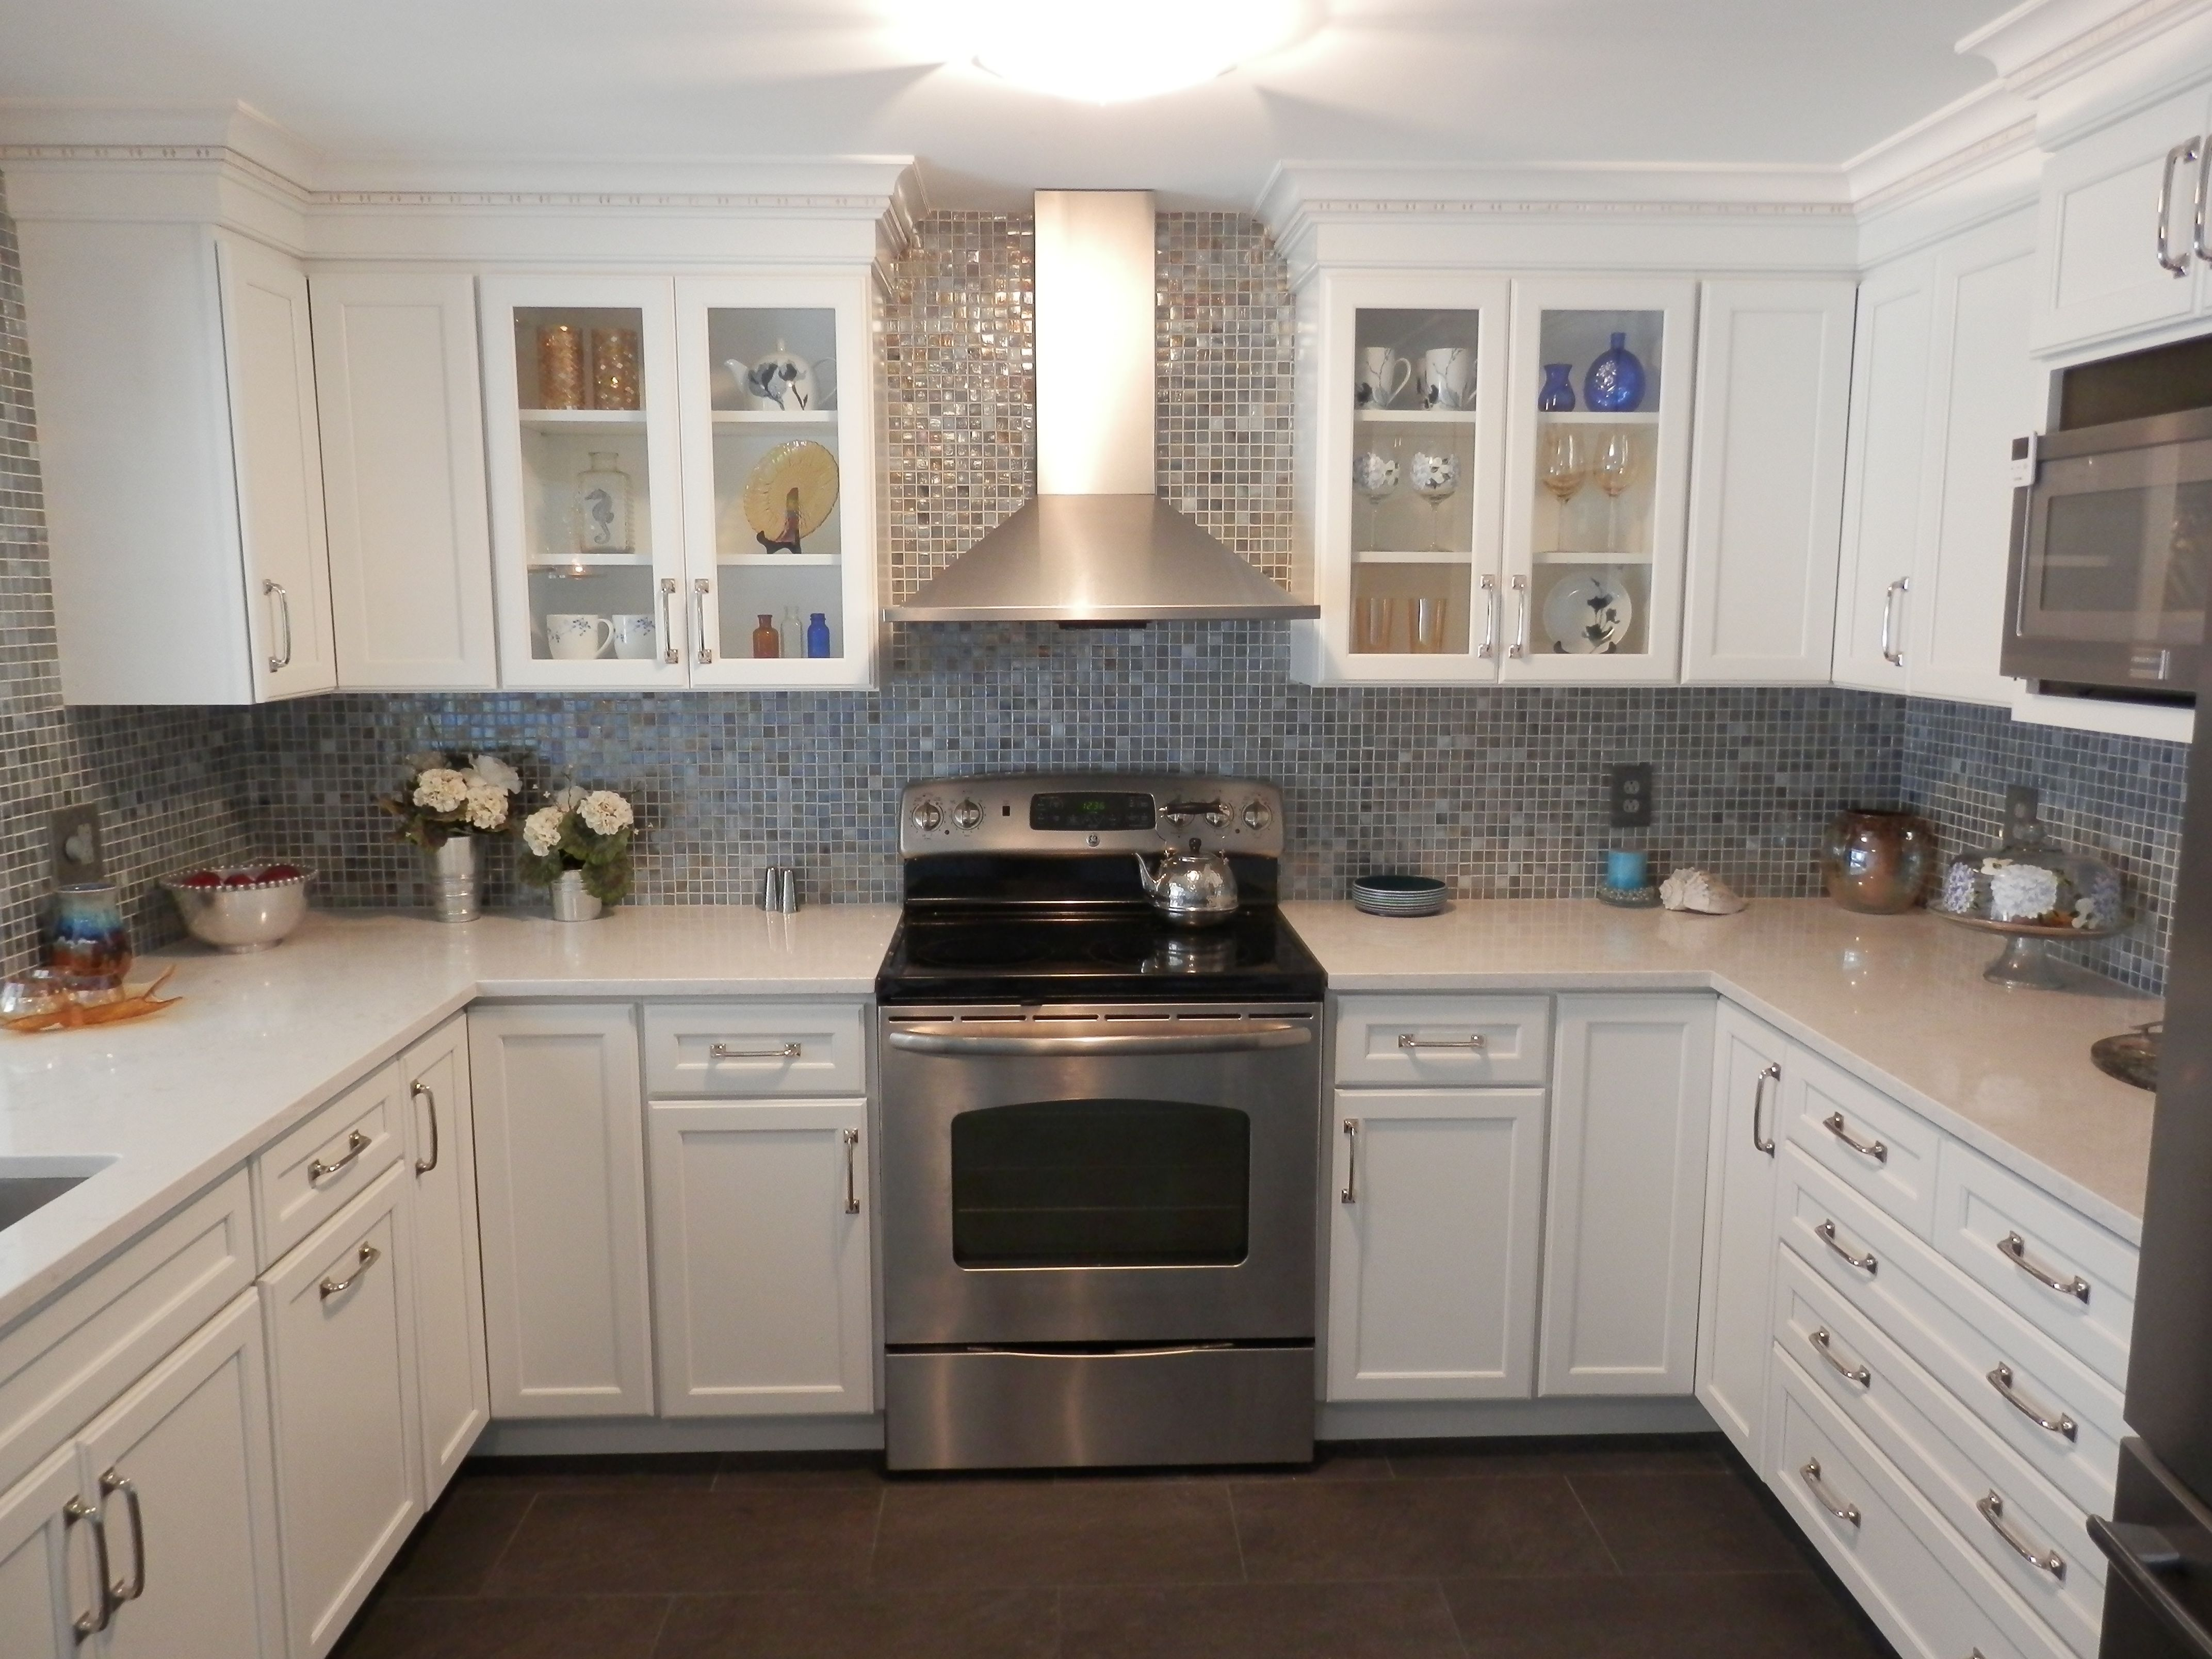 weißen granit küchenarbeitsplatten  gelb rot blau weiß